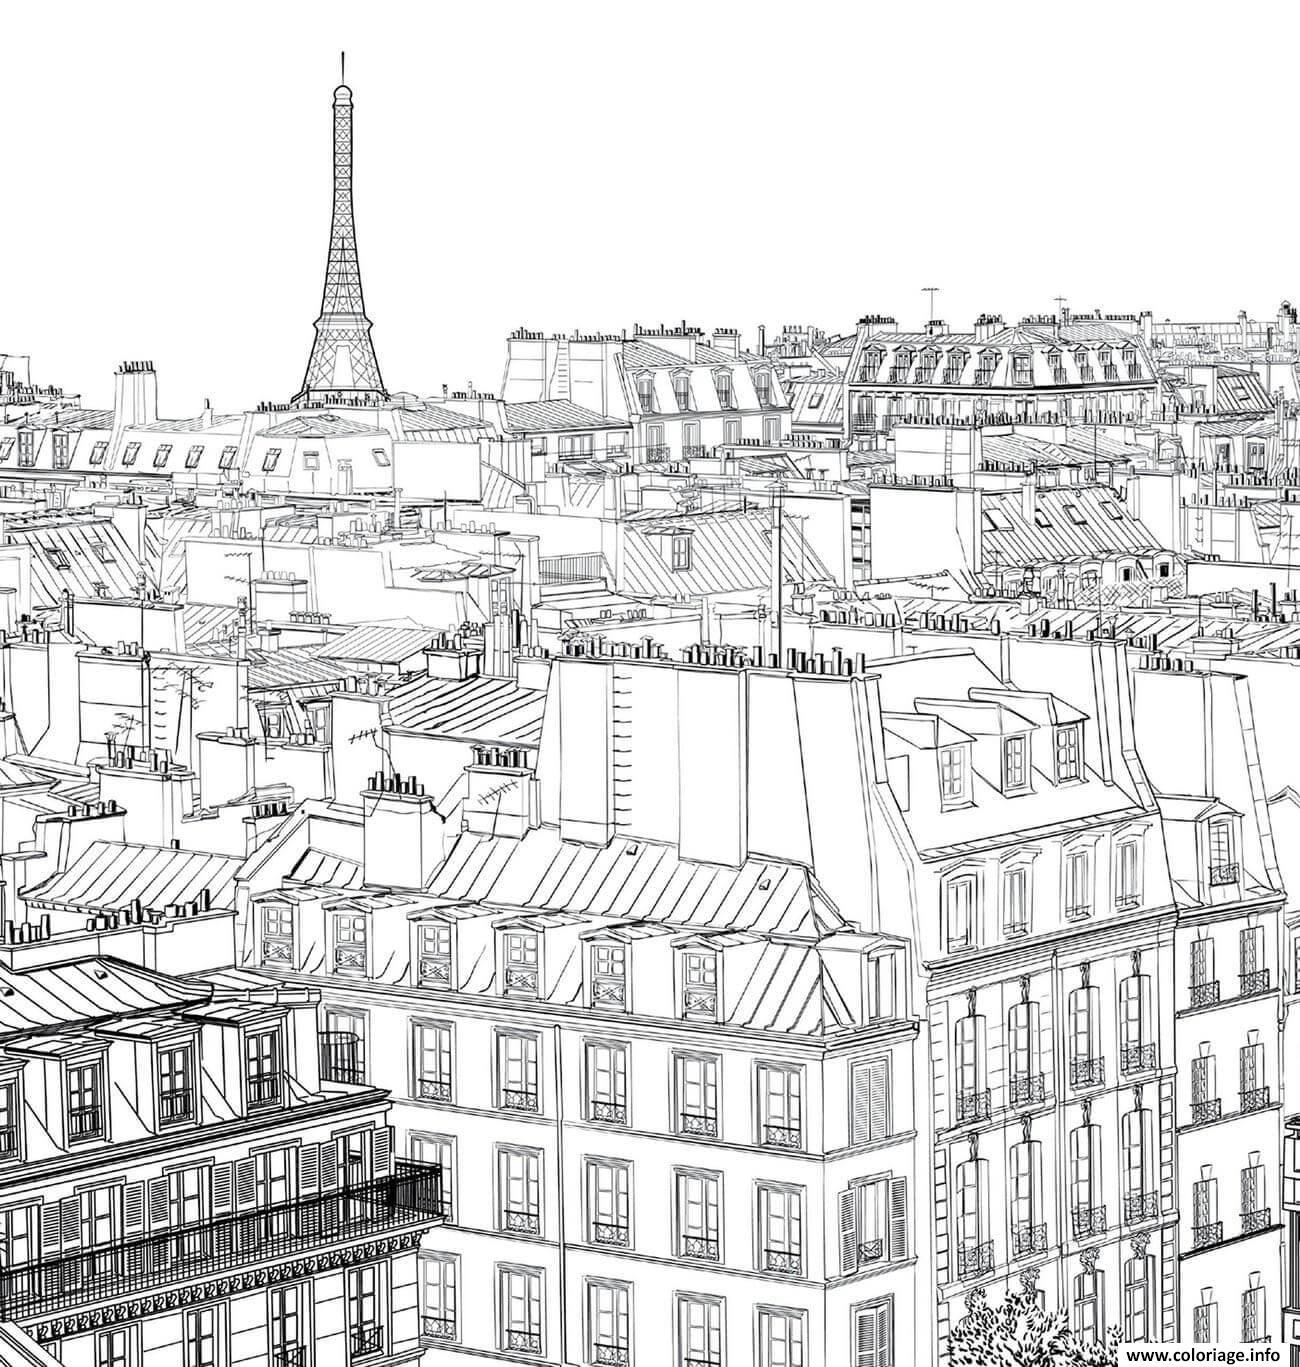 Dessin paysage maisons ville de paris Coloriage Gratuit à Imprimer